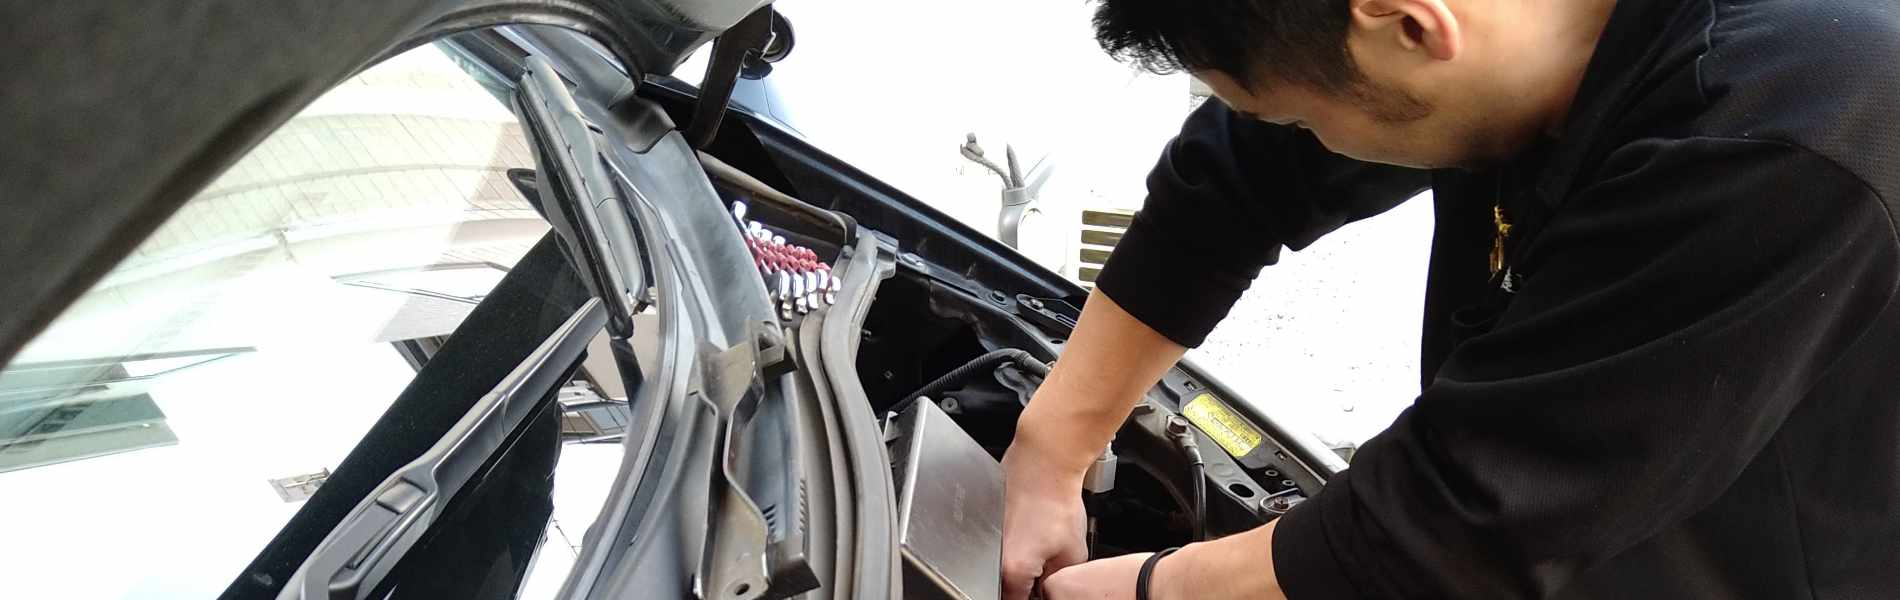 亀井産業の事業4. 自動車整備、新車・中古車販売